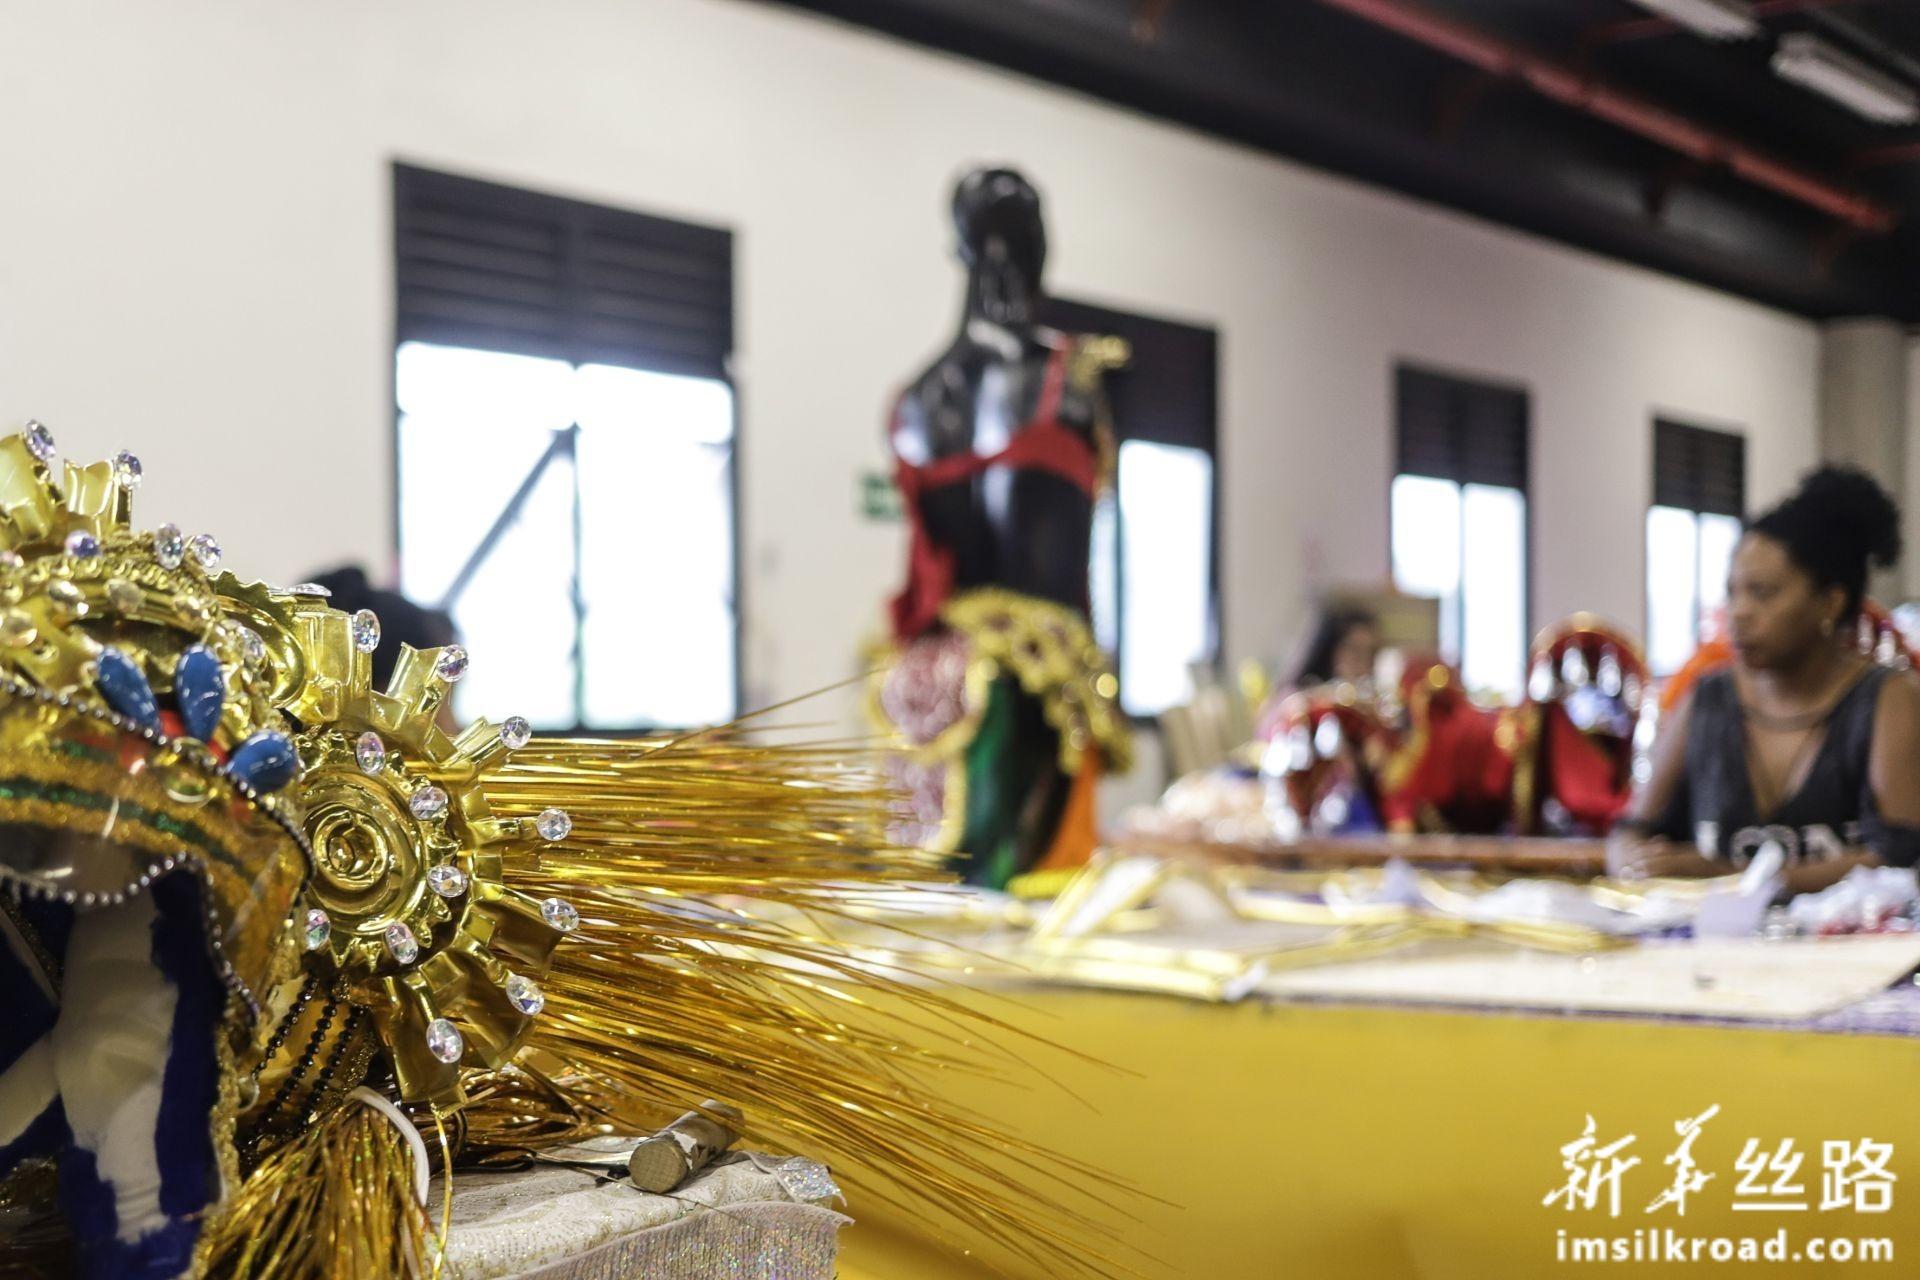 """2月14日,巴西圣保罗著名桑巴舞校""""玛丽亚镇联合""""的工作人员在工坊里制作演出服。新华社发(拉赫尔·帕特拉索摄)"""